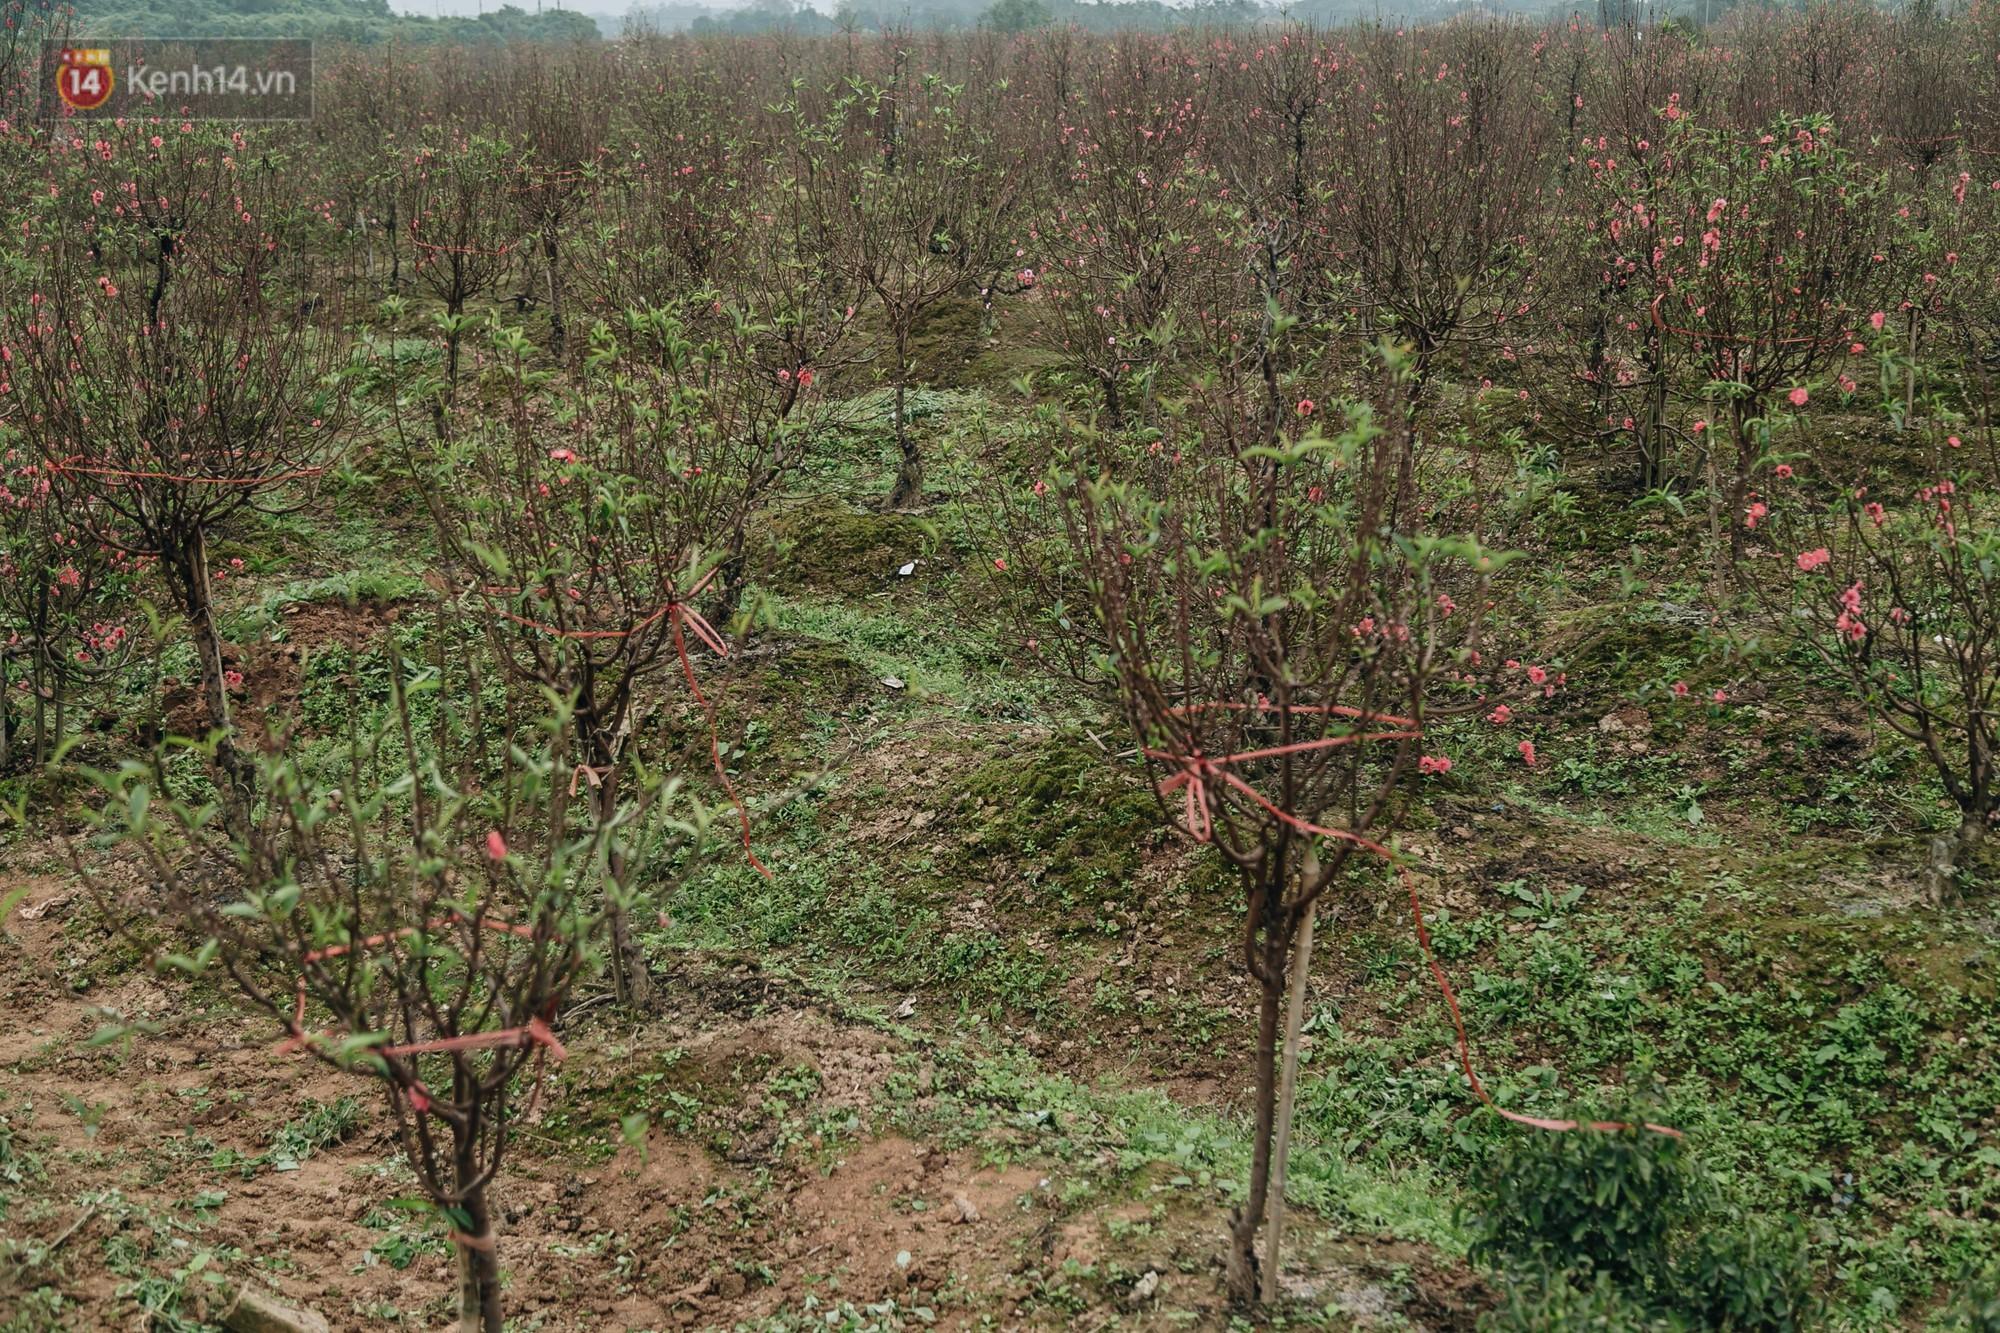 Gần 200 gốc đào của người dân Bắc Ninh bị chặt phá trong đêm: Tết năm nay còn chả có bánh chưng mà ăn - Ảnh 4.